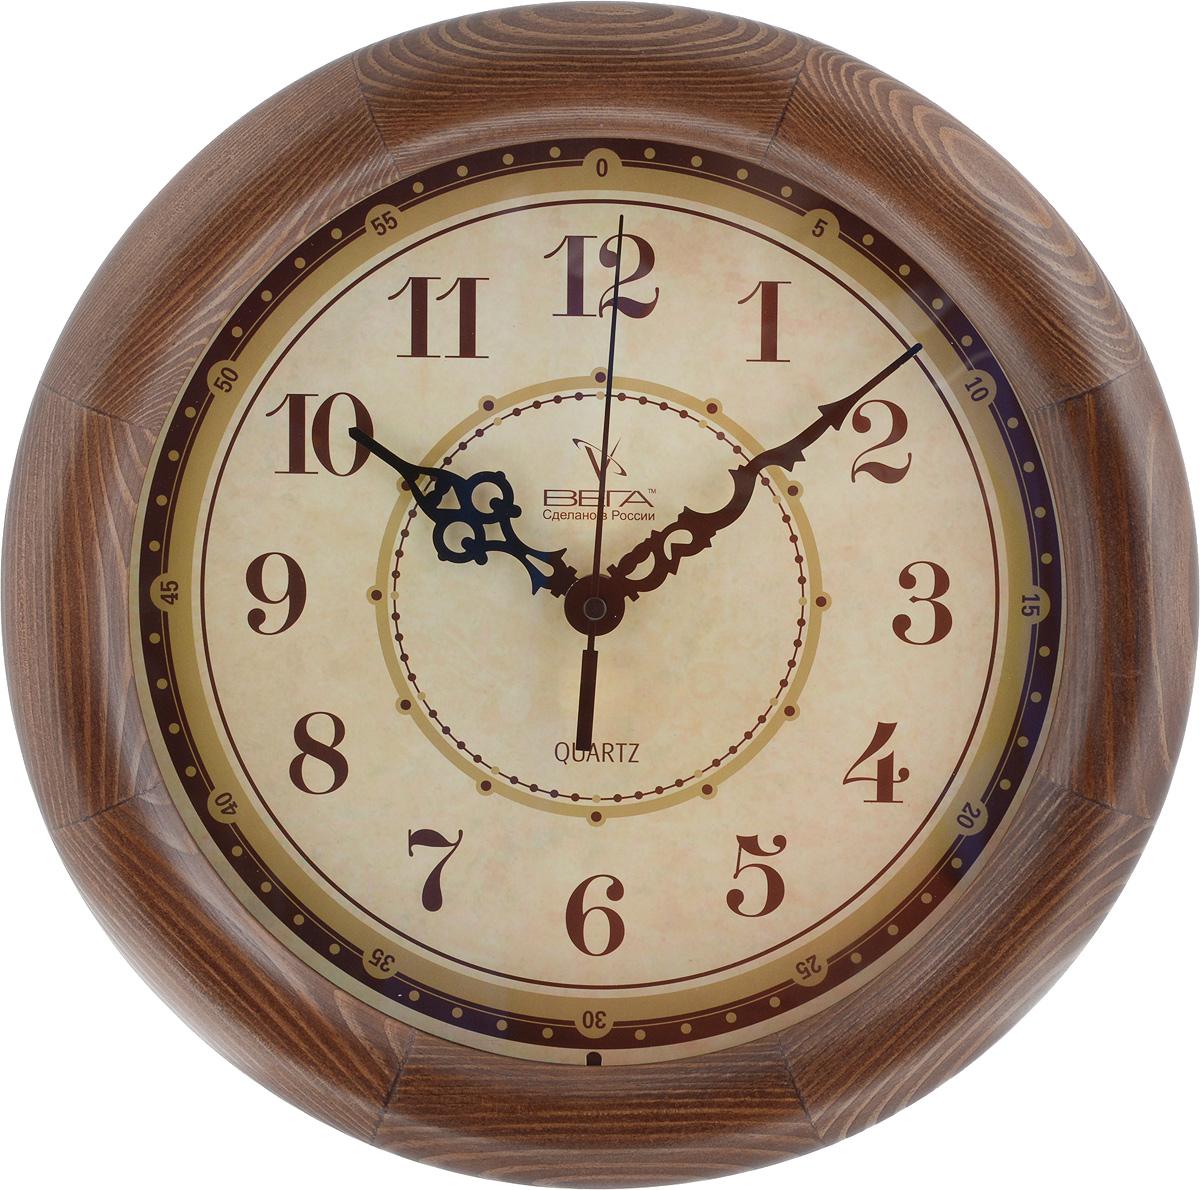 Часы настенные Вега Классика, цвет: темно-коричневый, диаметр 30 см300074_ежевикаНастенные кварцевые часы Вега Классика, изготовленные из дерева, прекрасно впишутся в интерьер вашего дома. Часы имеют три стрелки: часовую, минутную и секундную, циферблат защищен прозрачным стеклом. Часы работают от 1 батарейки типа АА напряжением 1,5 В (не входит в комплект).Диаметр часов: 30 см.